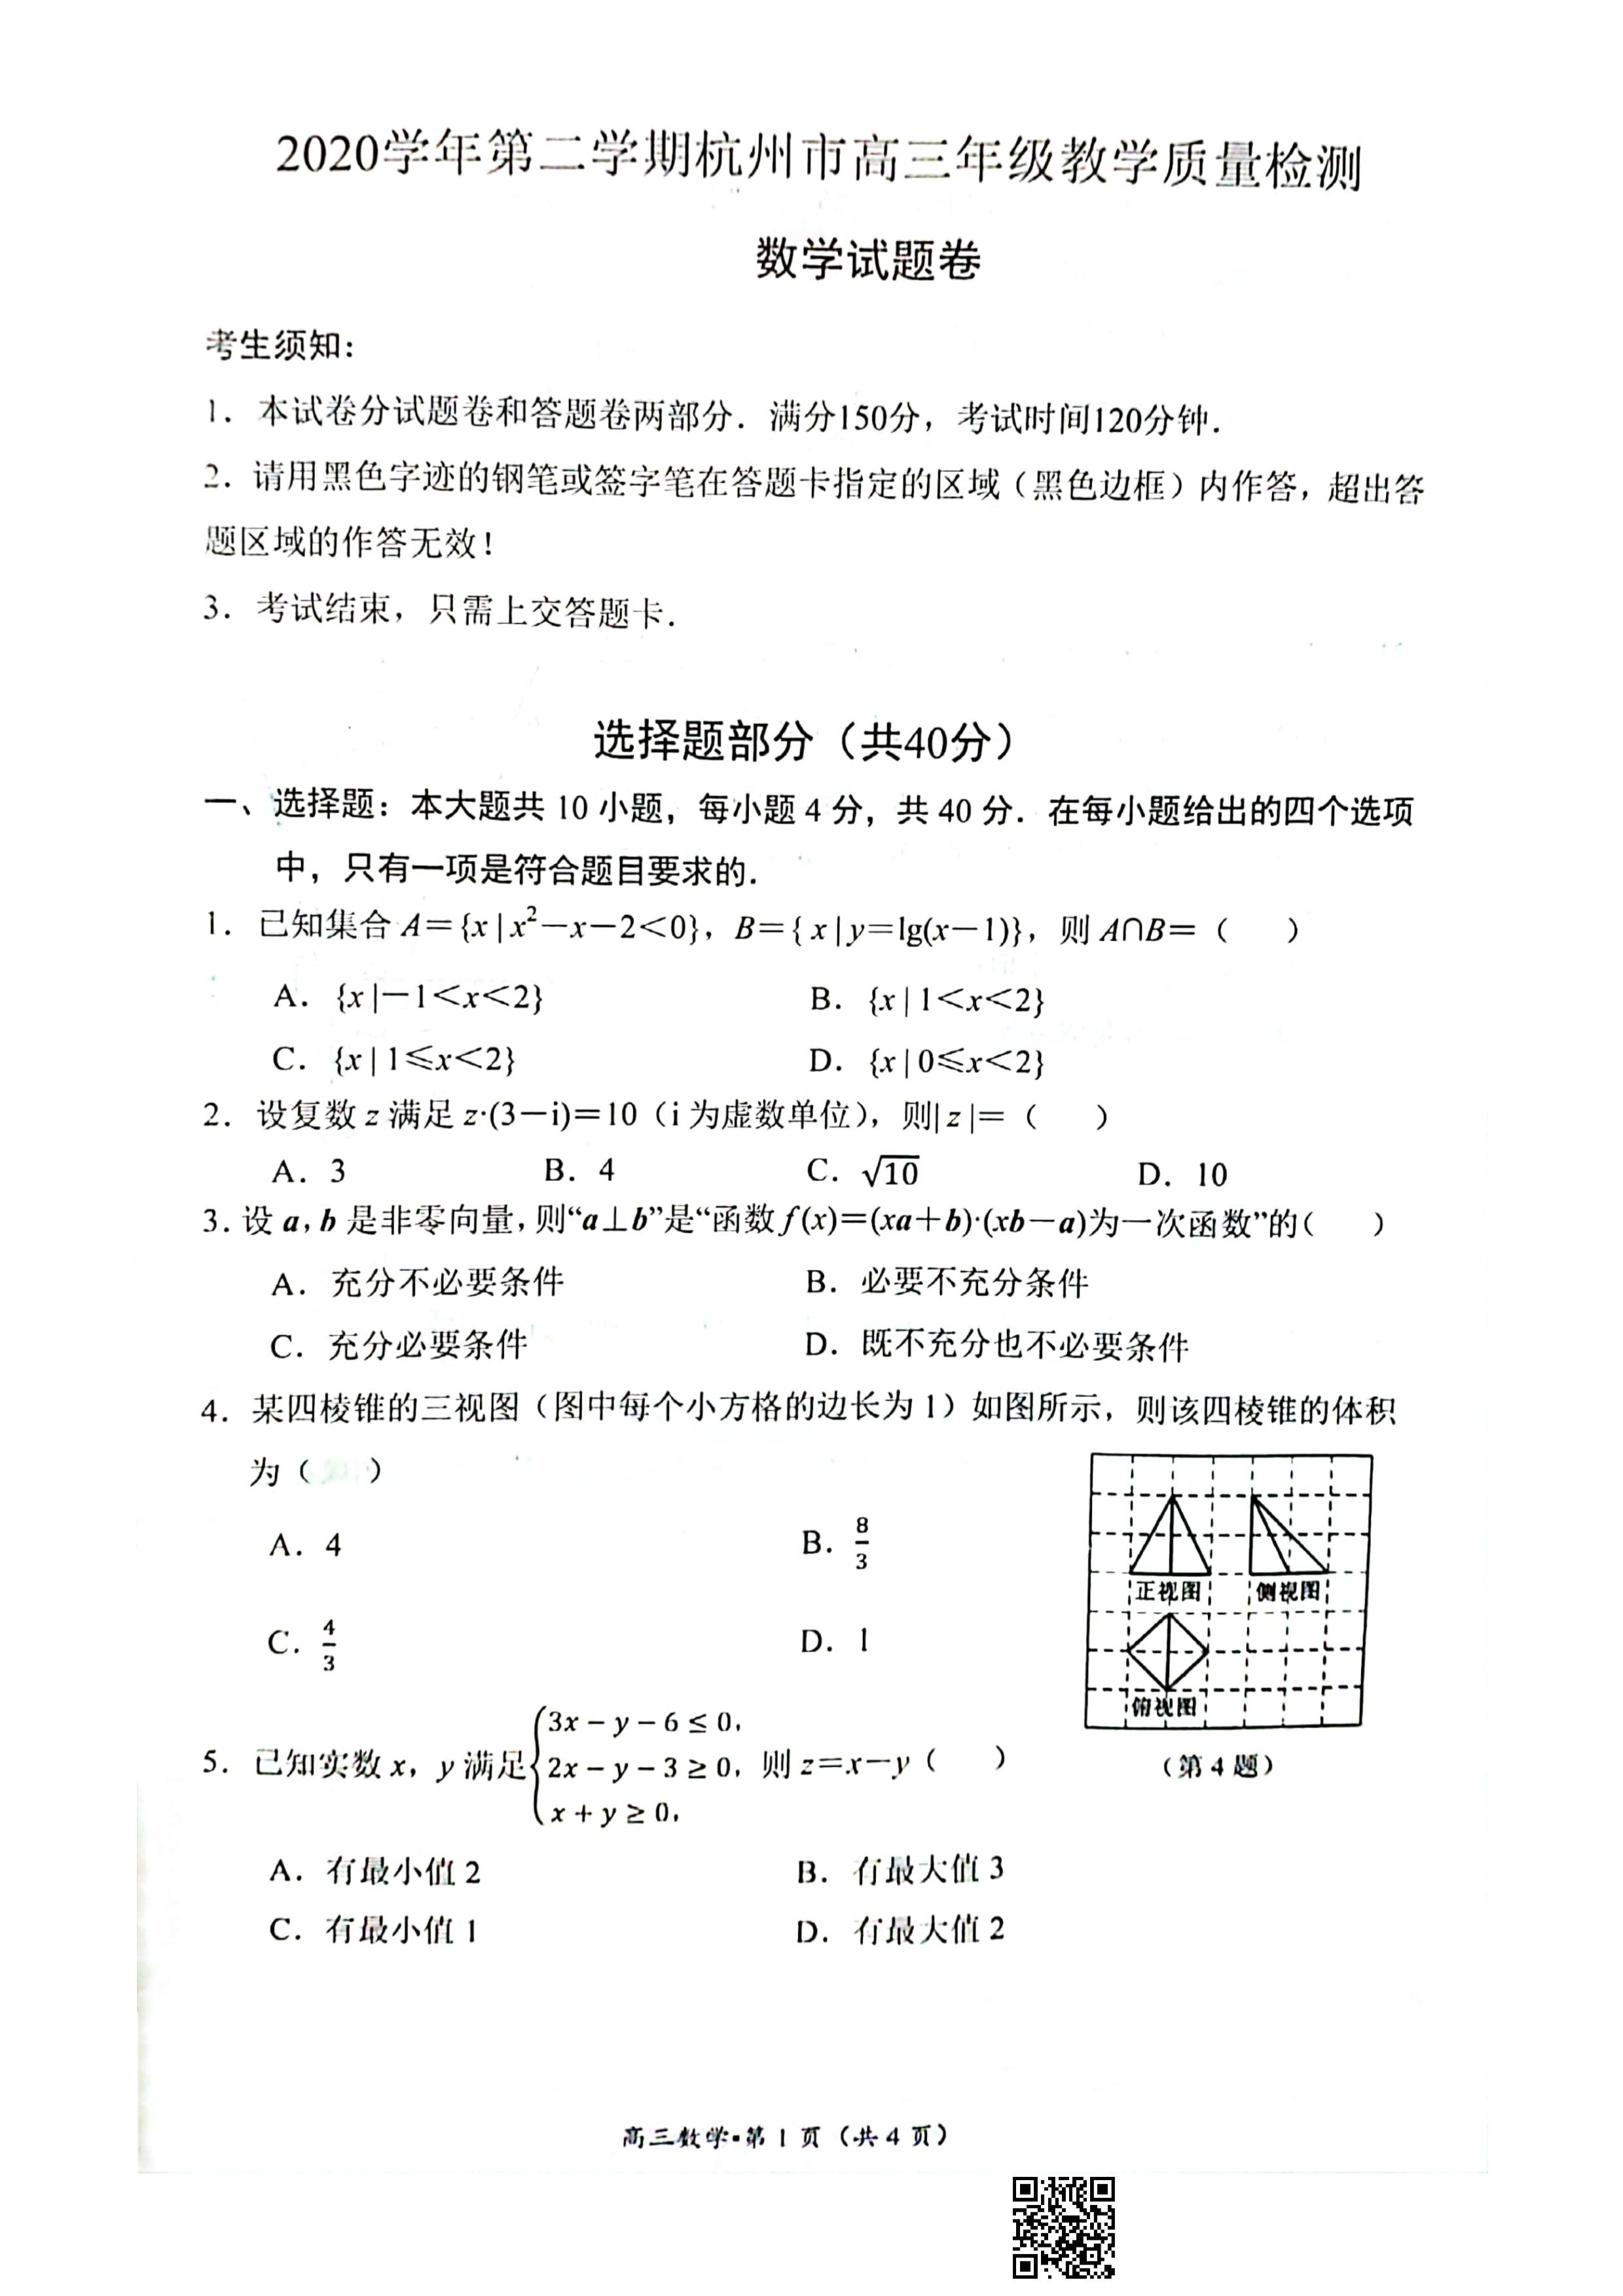 浙江省七彩阳光新高考研究联盟2020-2021学年高一下学期期中联考数学试题 扫描版含答案